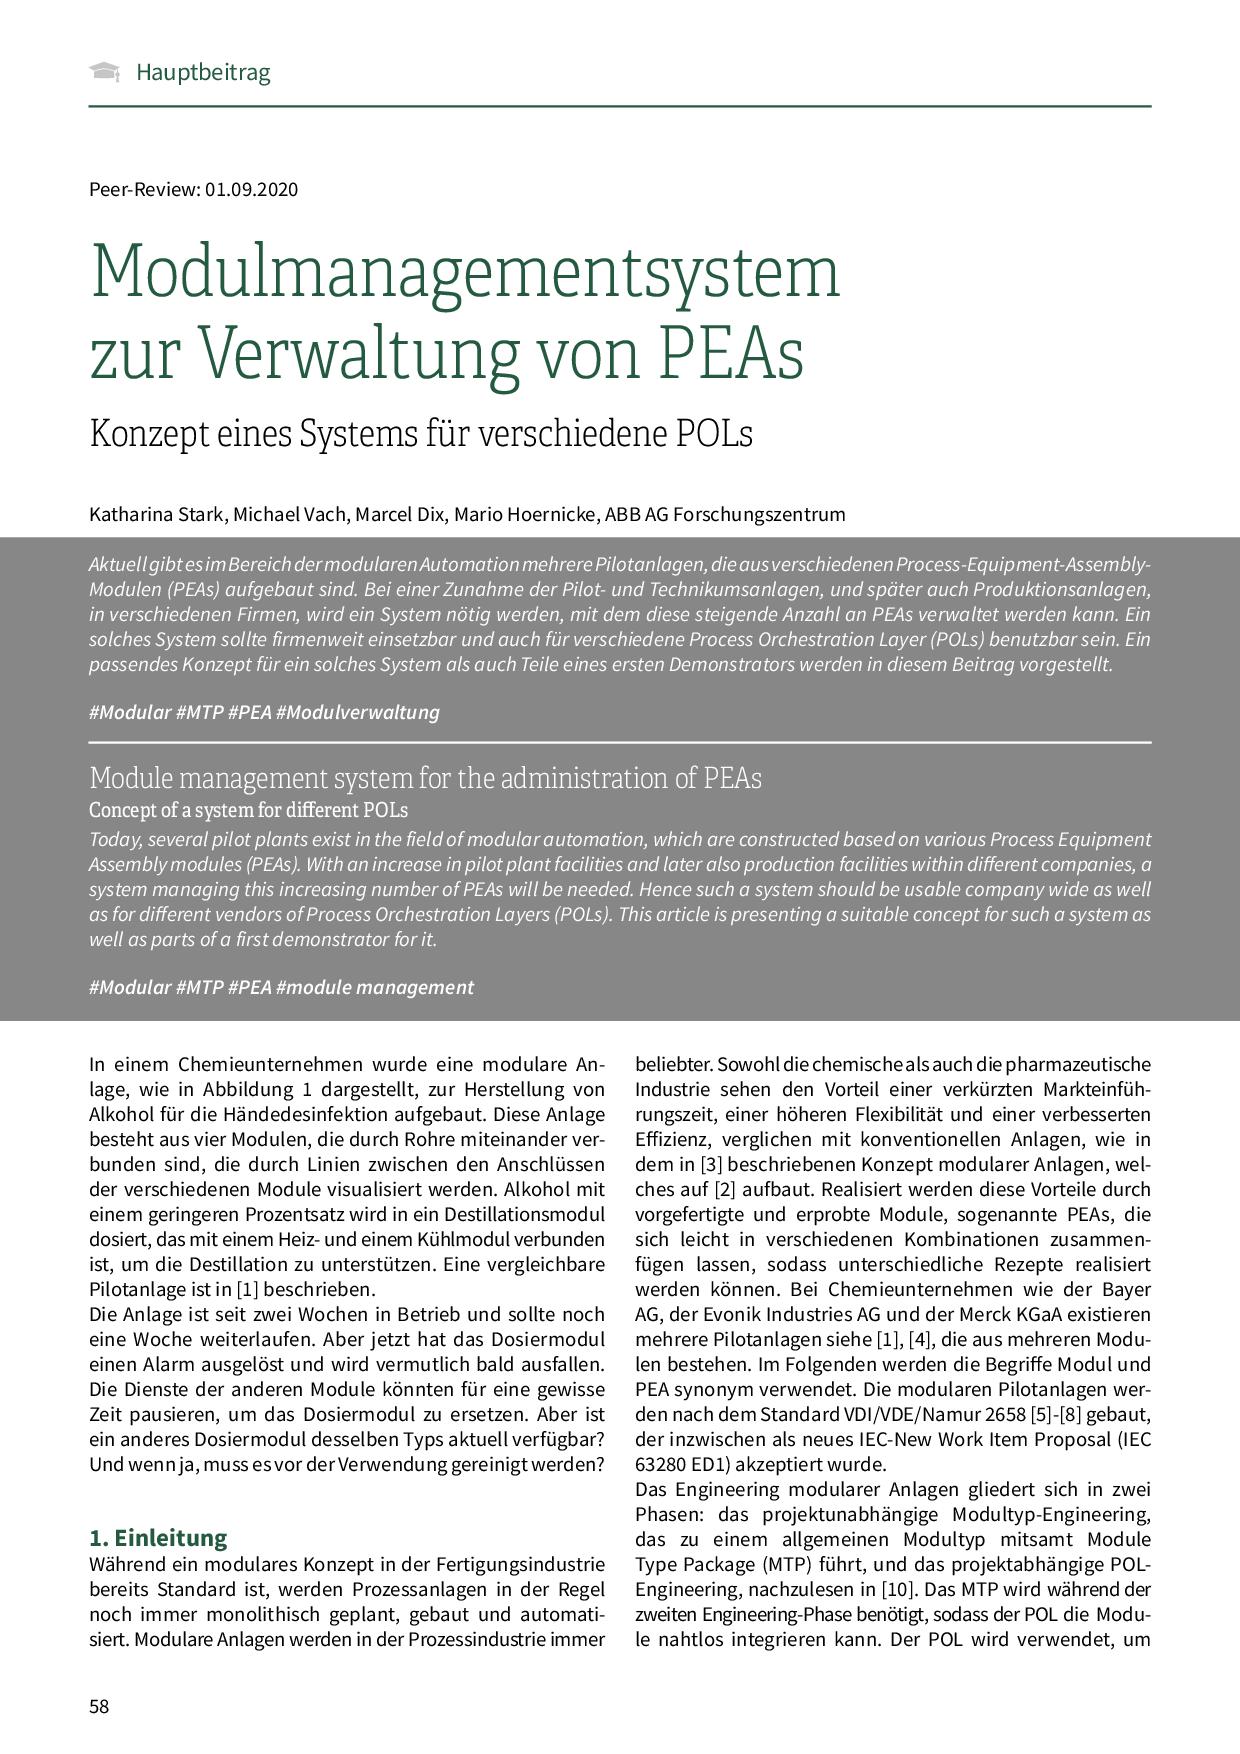 Modulmanagementsystem zur Verwaltung von PEAs